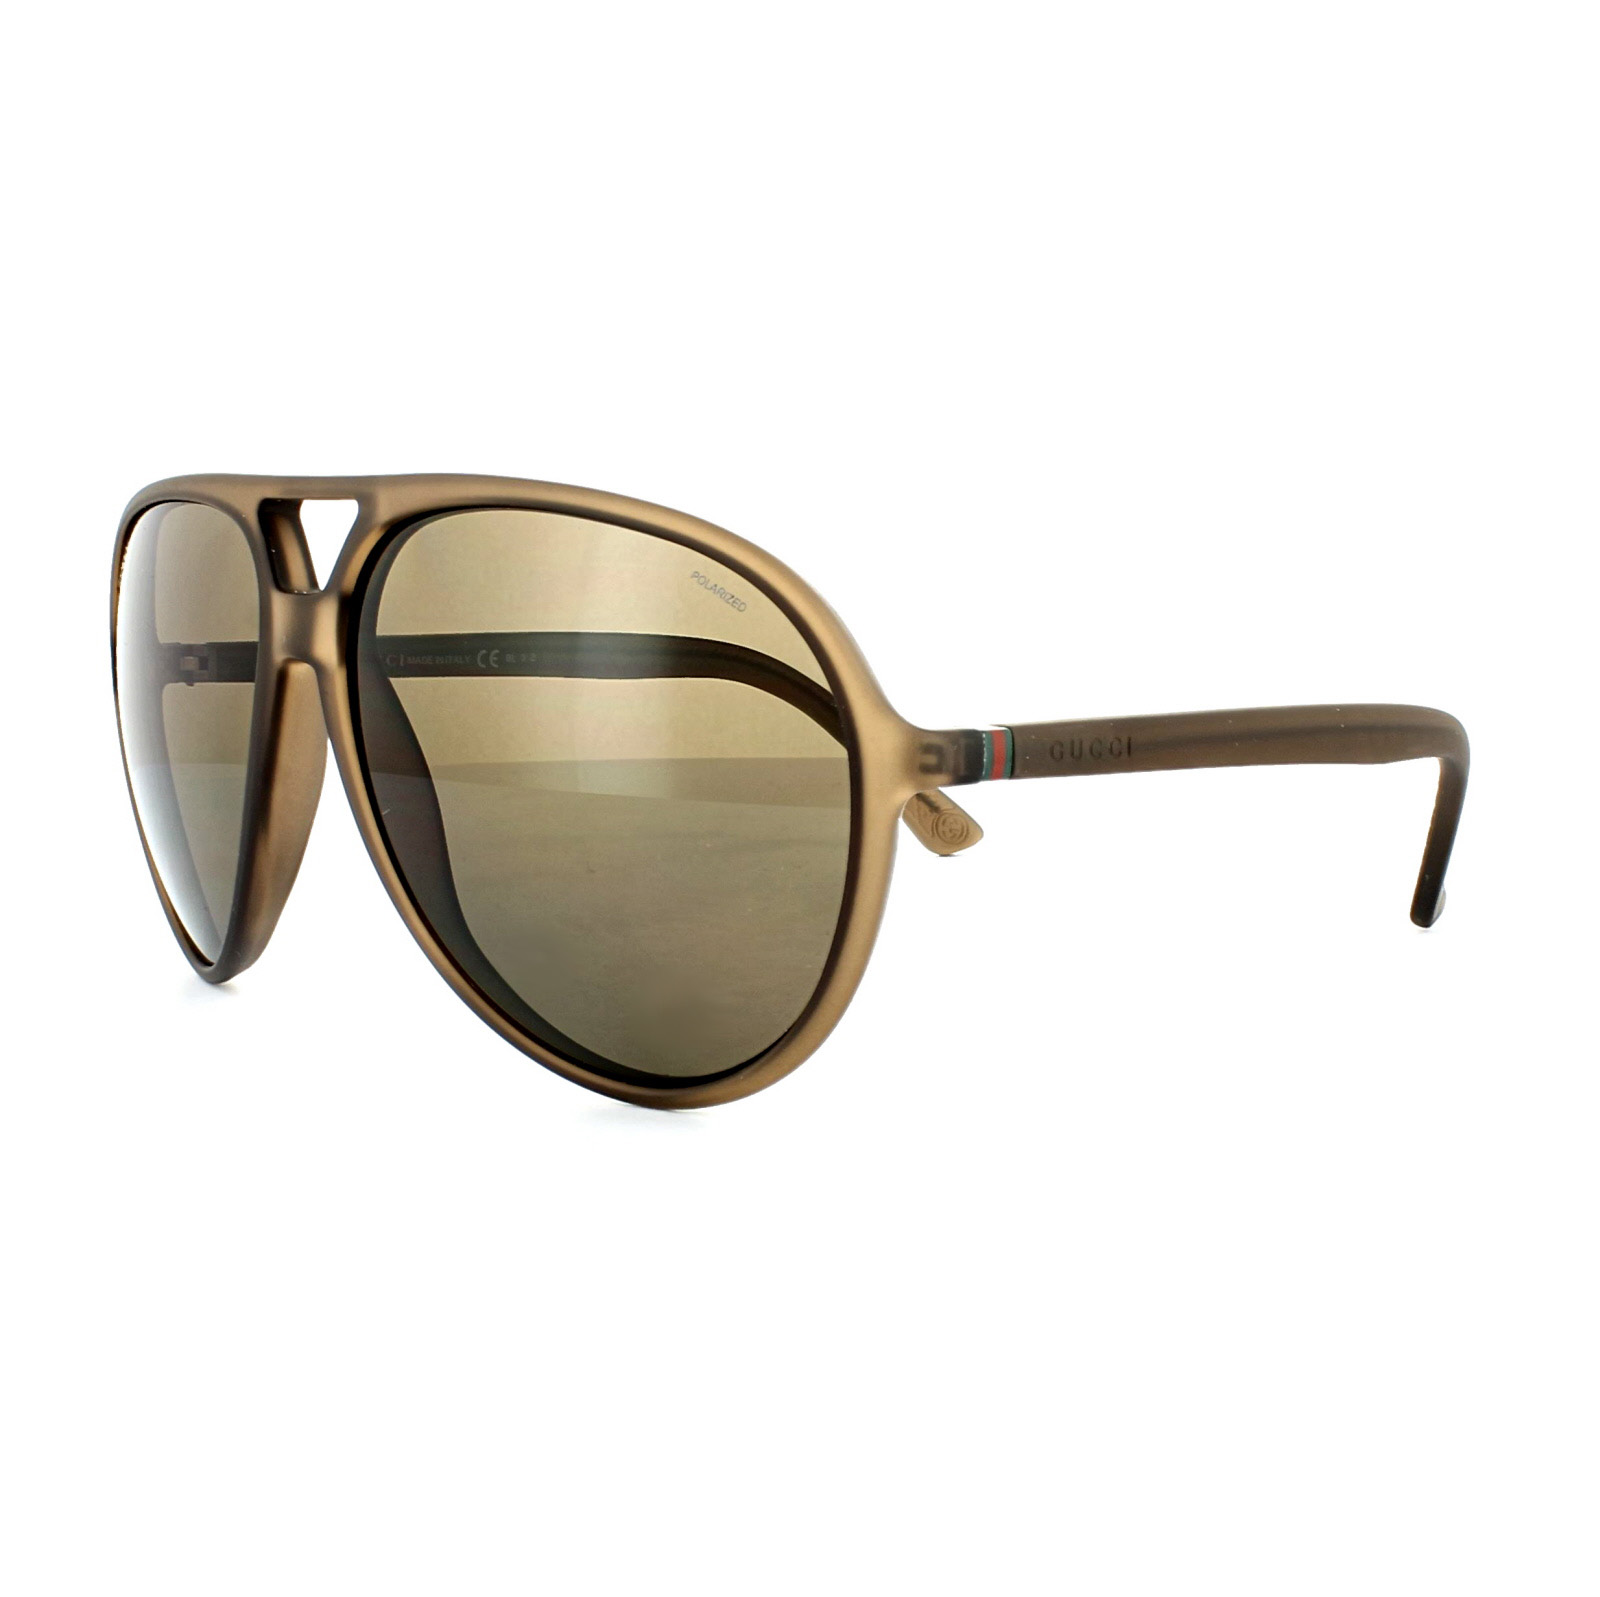 Gucci Gafas de sol 1090 B00 SP Marrón Bronce Polarizado | eBay